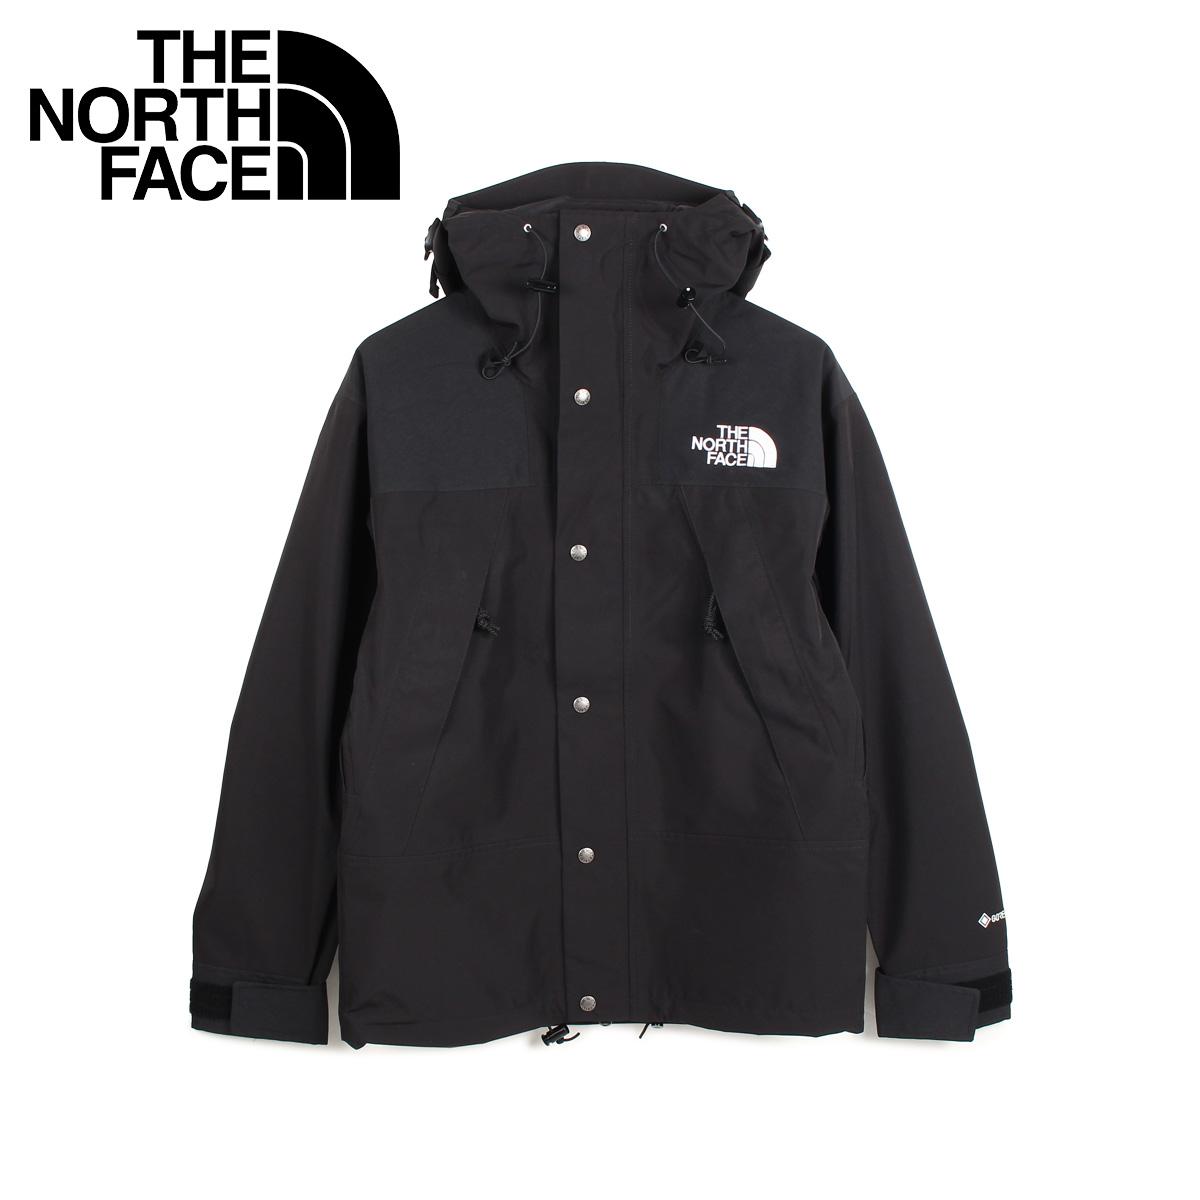 THE NORTH FACE ノースフェイス ジャケット マウンテンジャケット メンズ ゴアテックス 1990 MOUNTAIN JACKET GTX 2 ブラック 黒 NF0A3XEJ